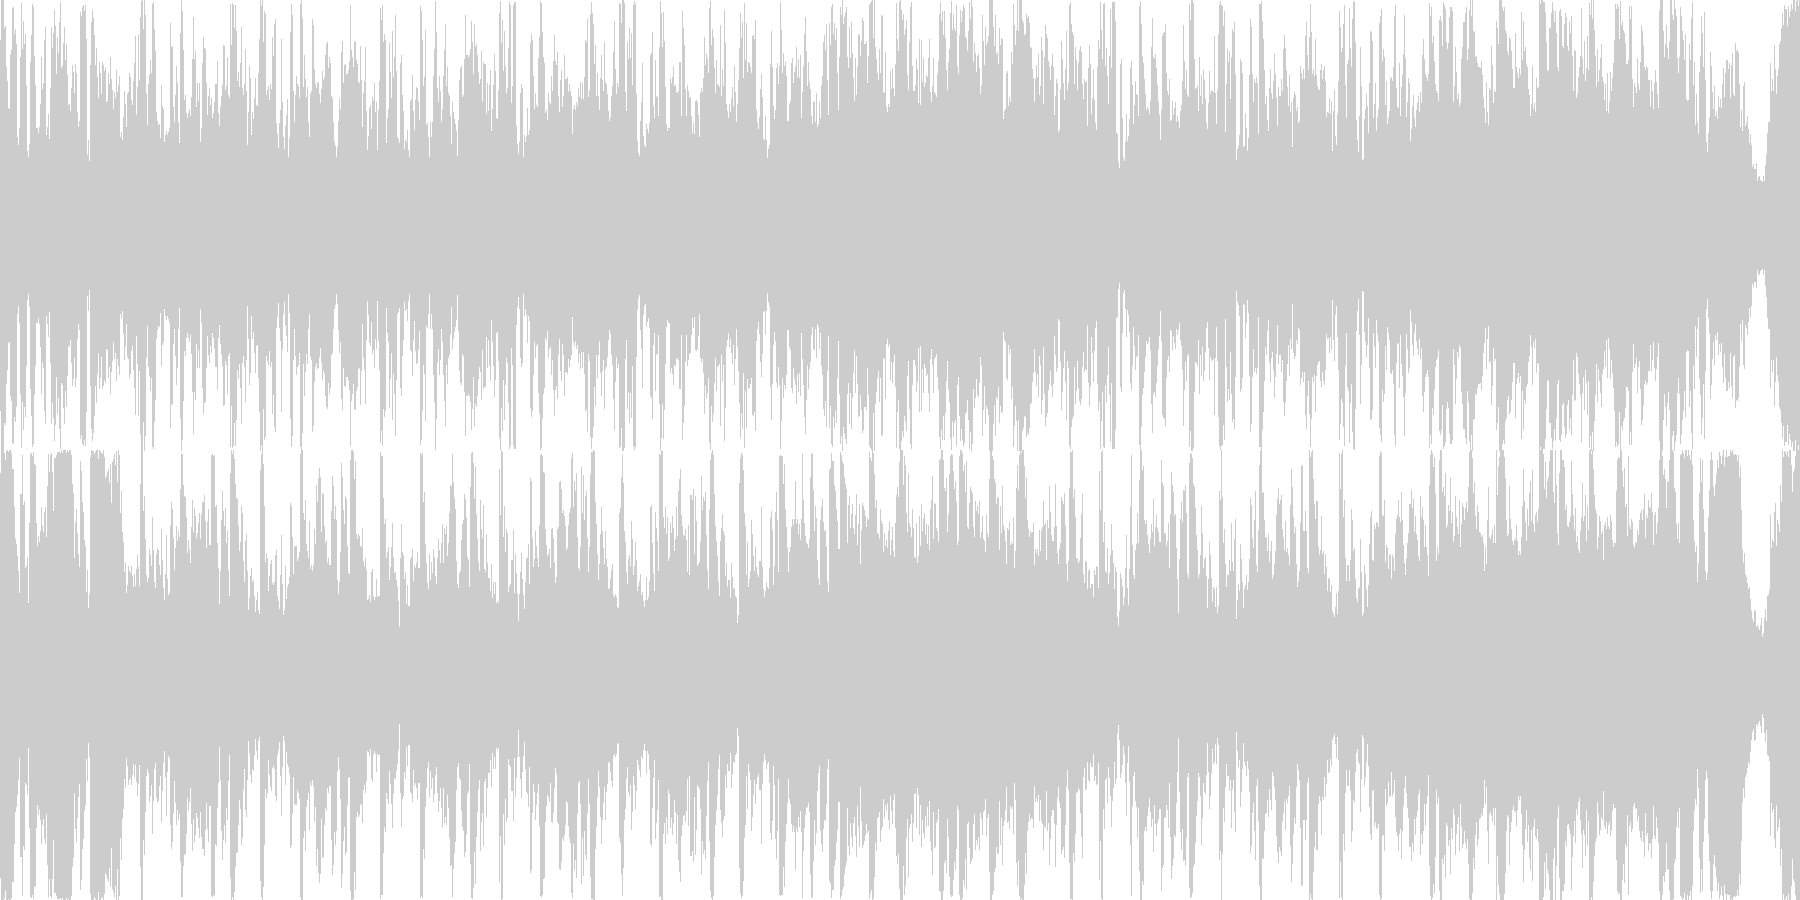 緊張感のあるクラシック曲の未再生の波形